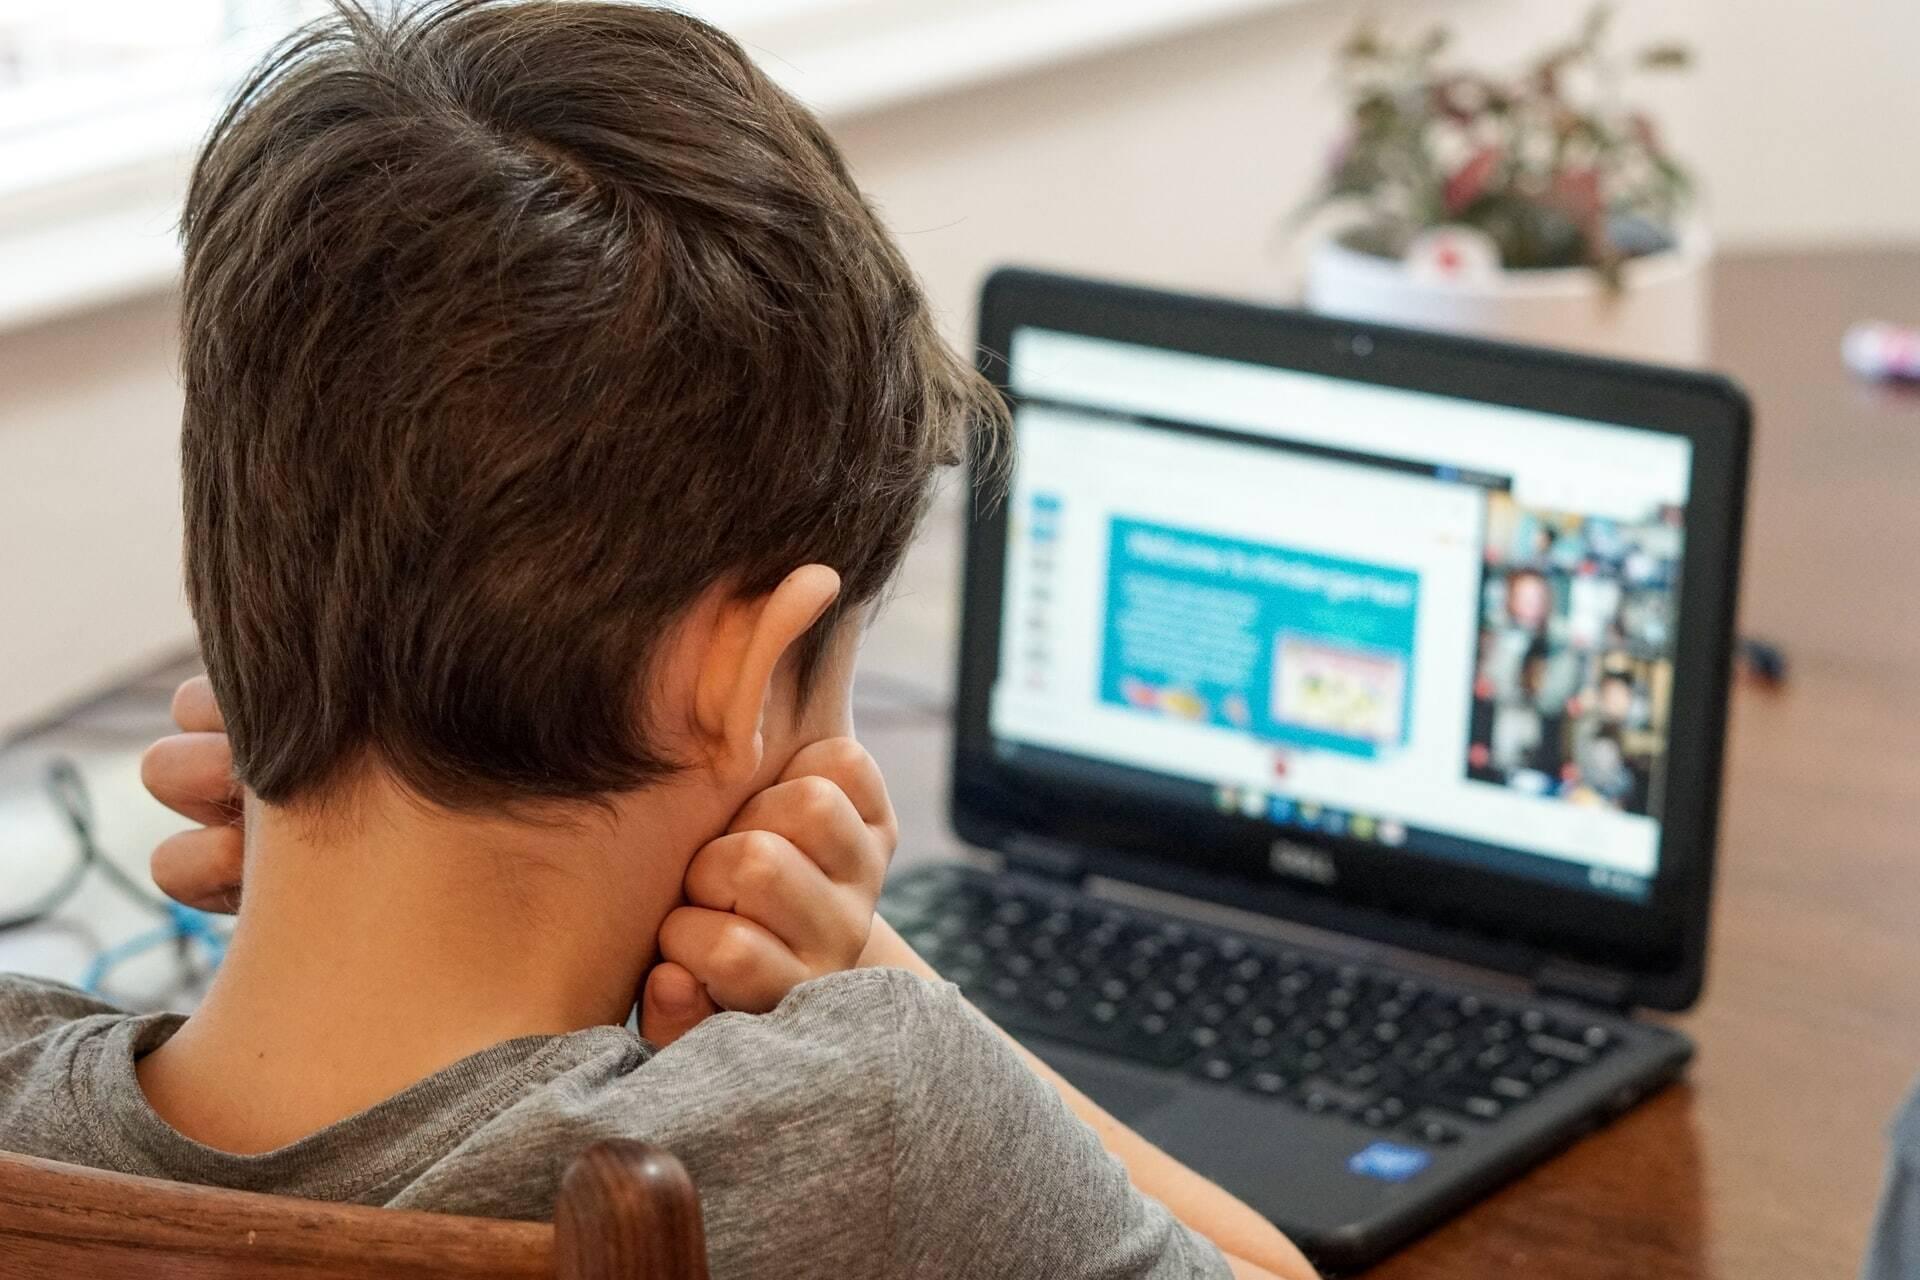 Pai americano conta experiência de educar filhos em casa neste ano